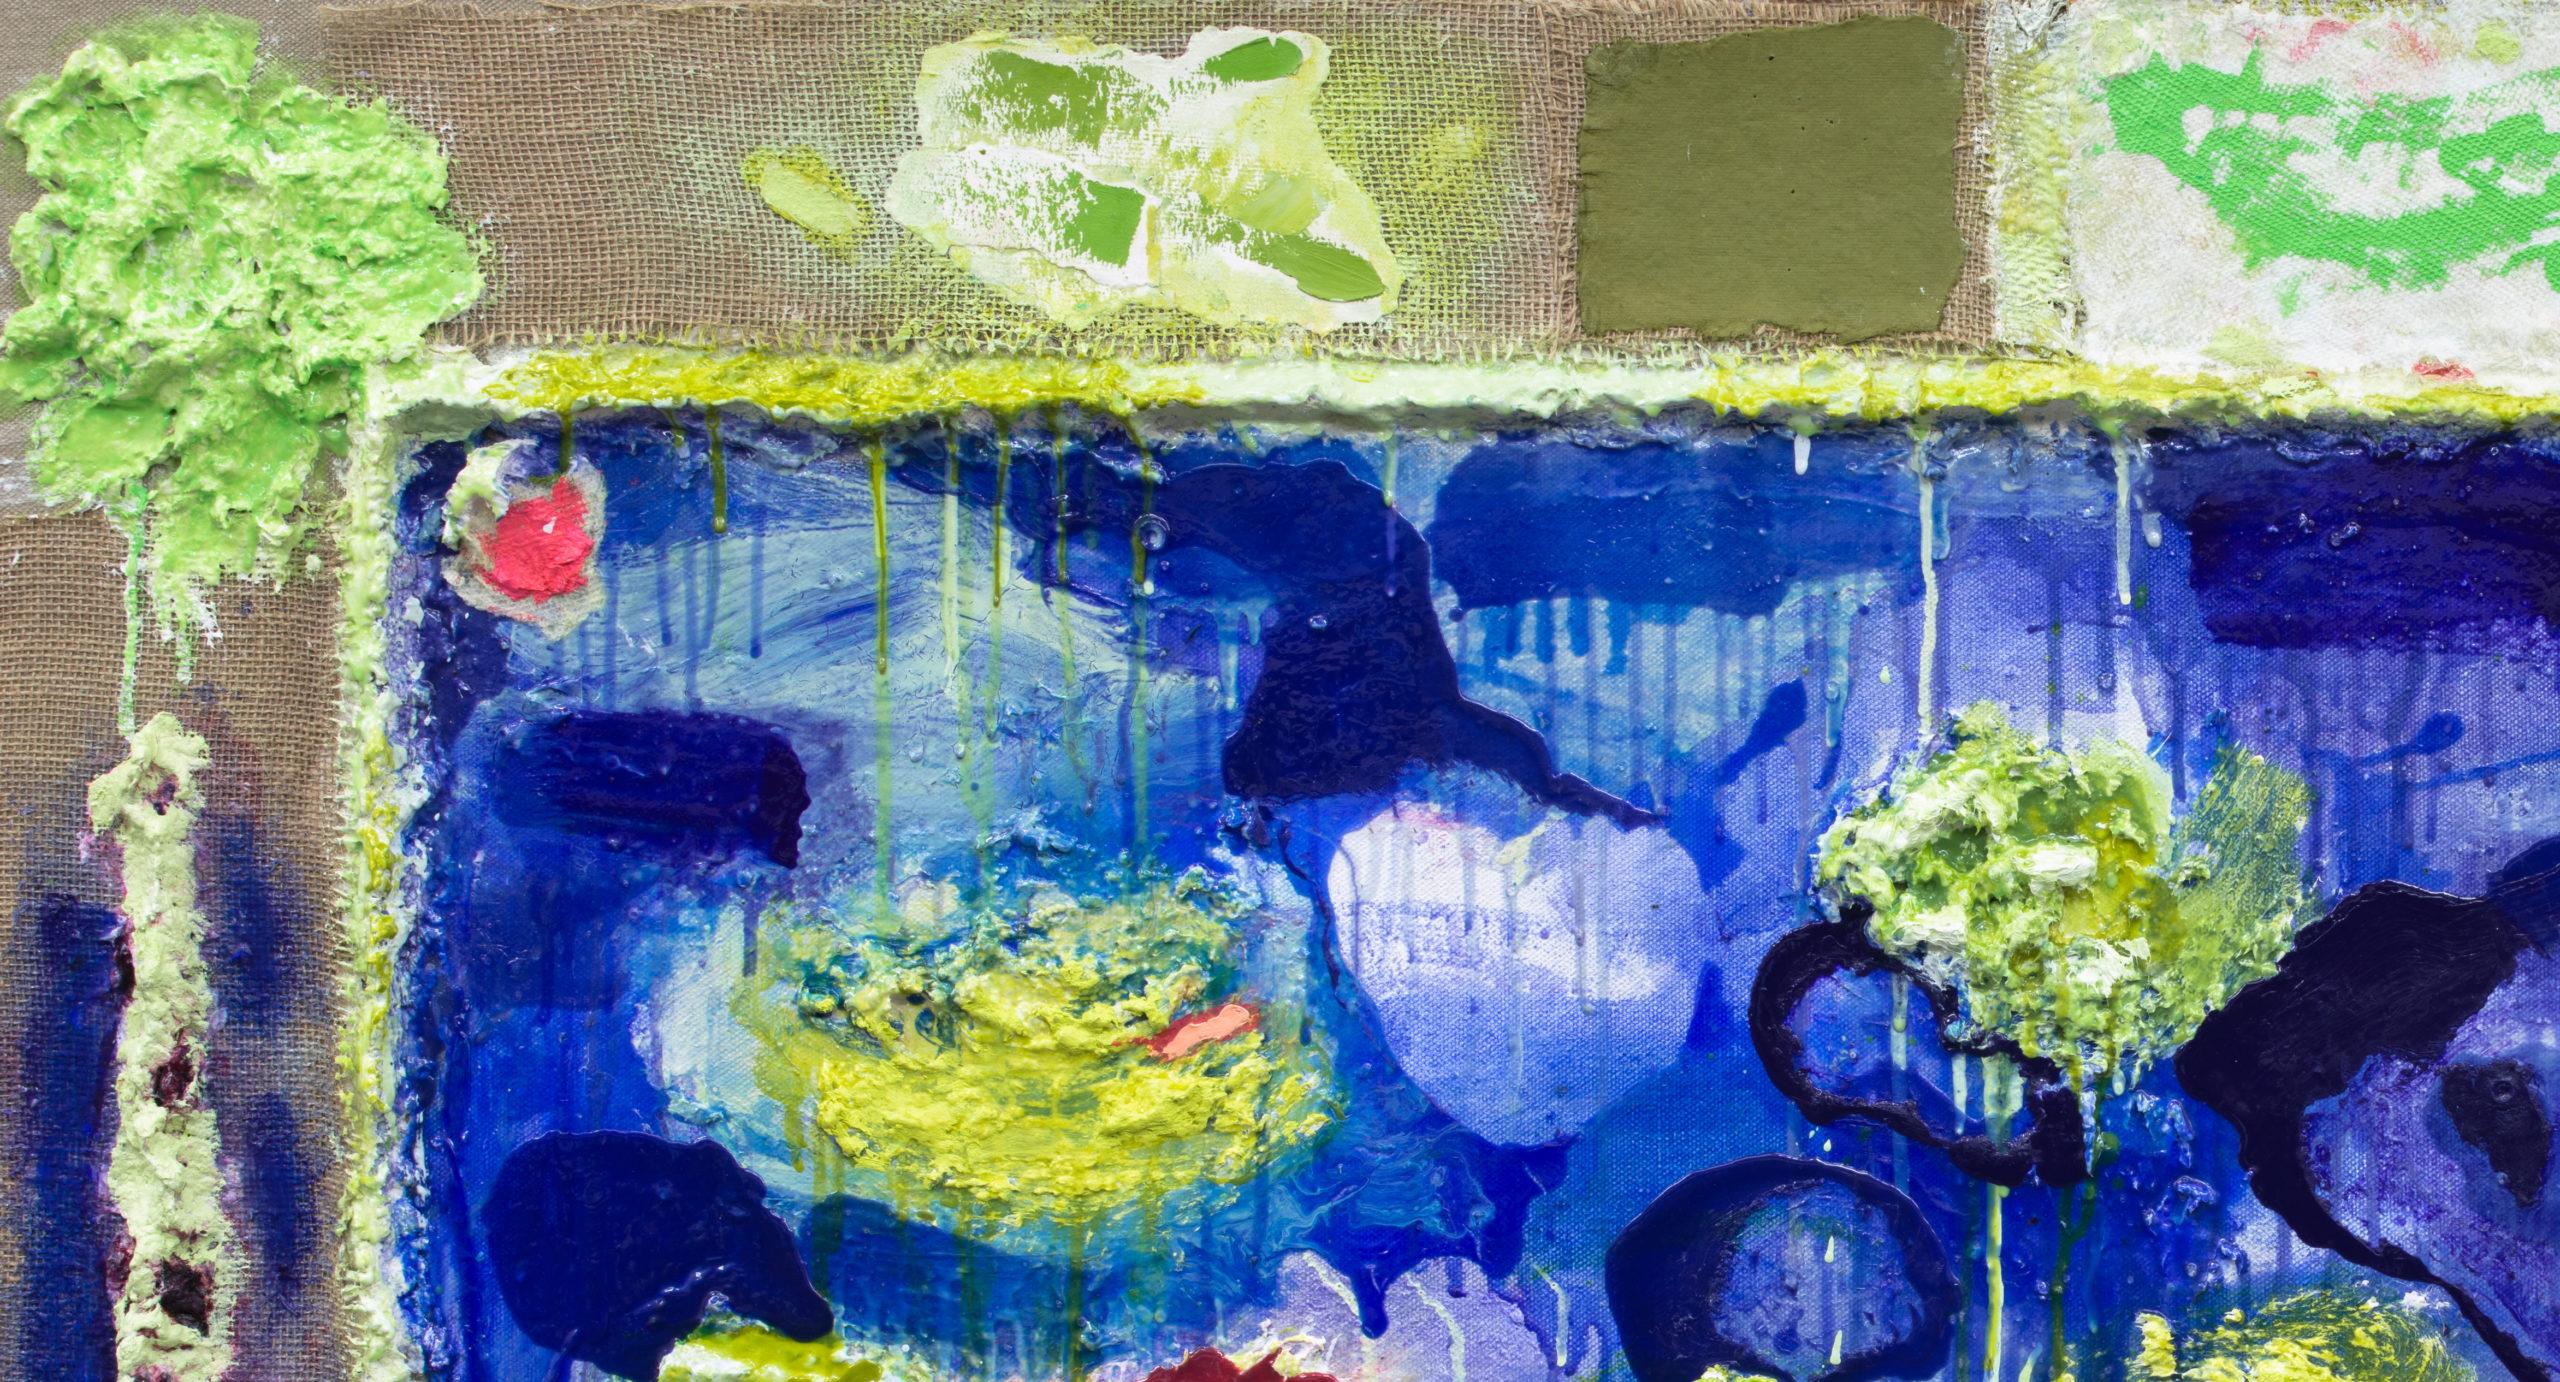 Paint-a-Pond-1